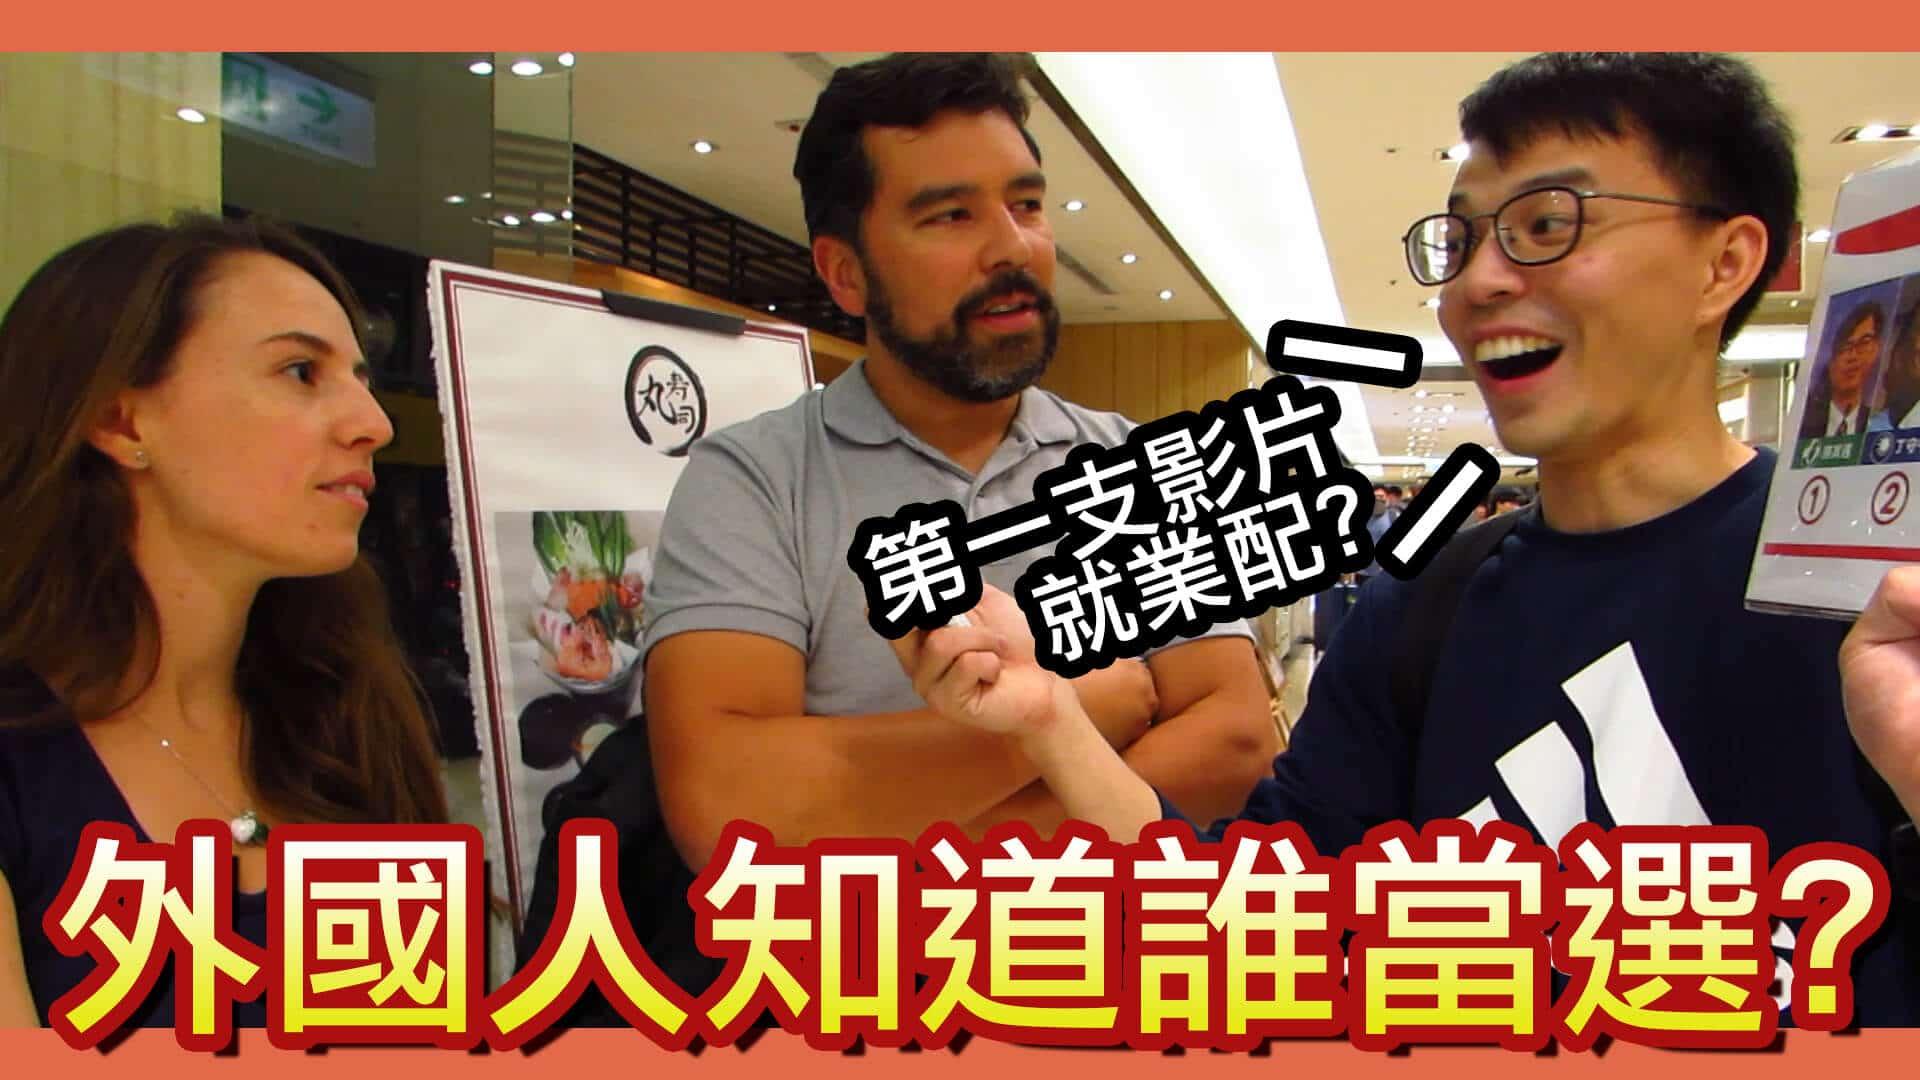 台湾選挙の結果!台湾に滞在している外国人が一体関心を持っているか?